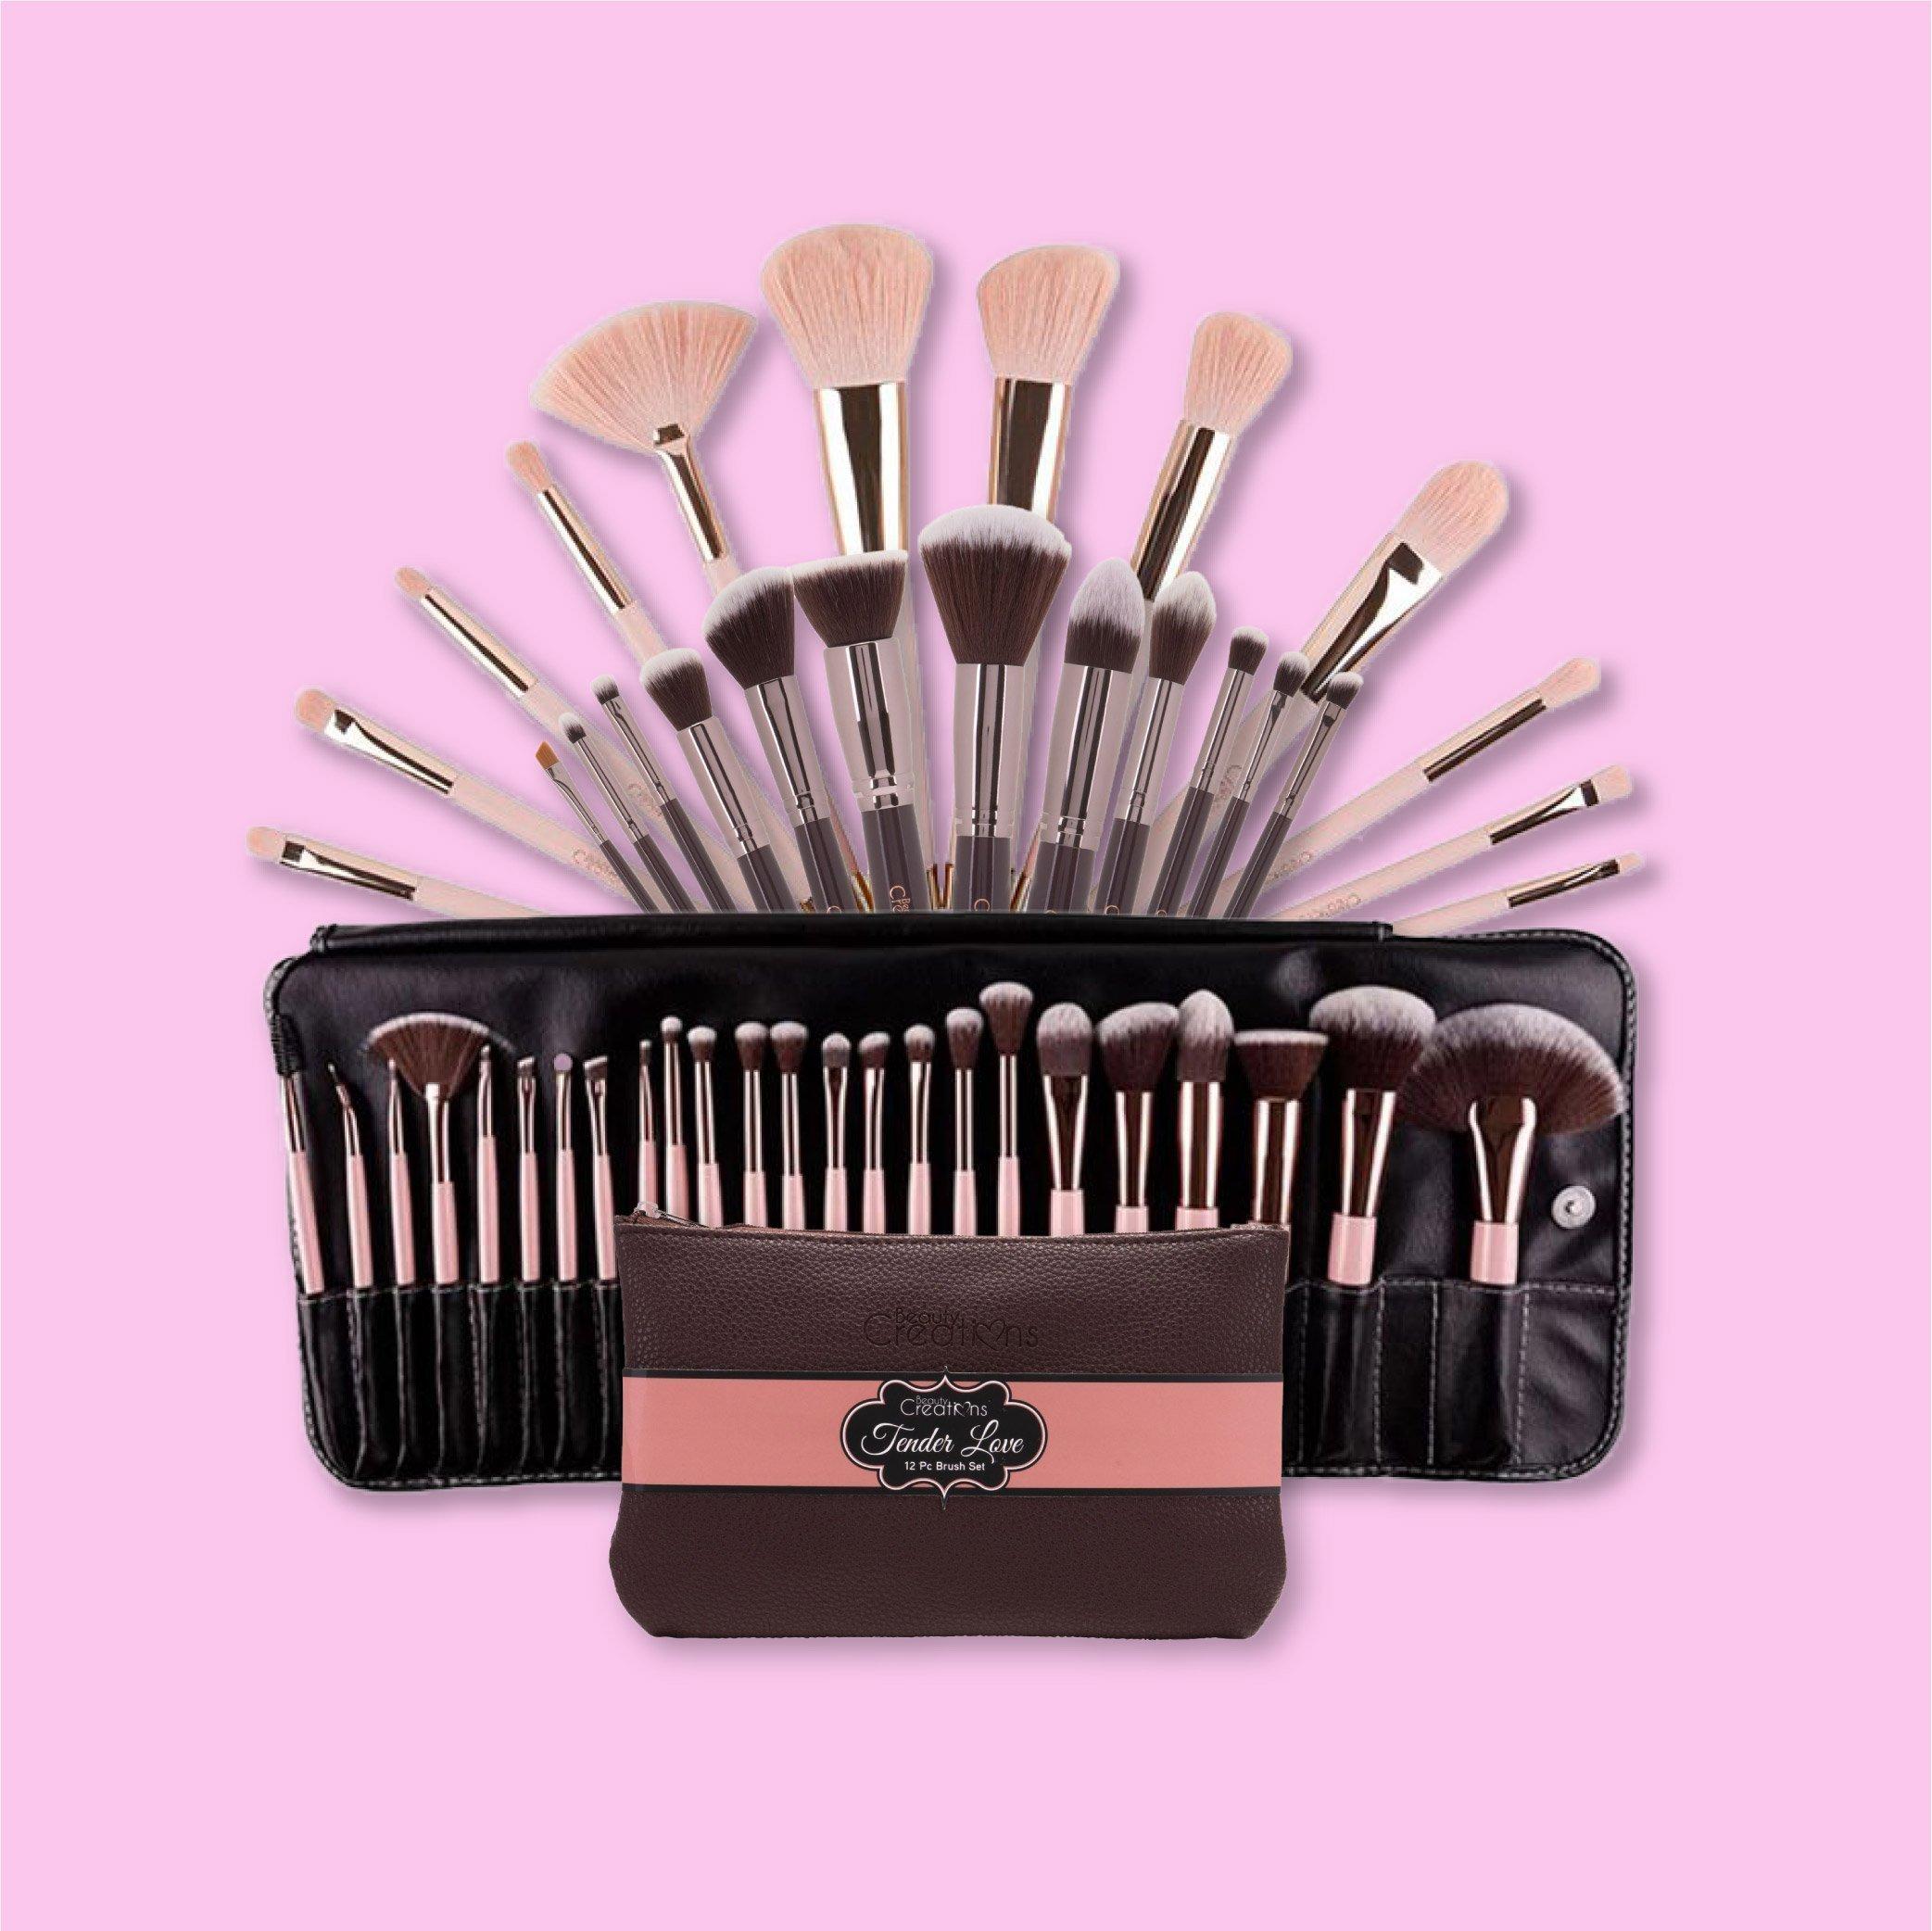 Una bolsa cerrada de brochas Beauty Creations Tender Love con una abierta detrás sobre un fondo rosa